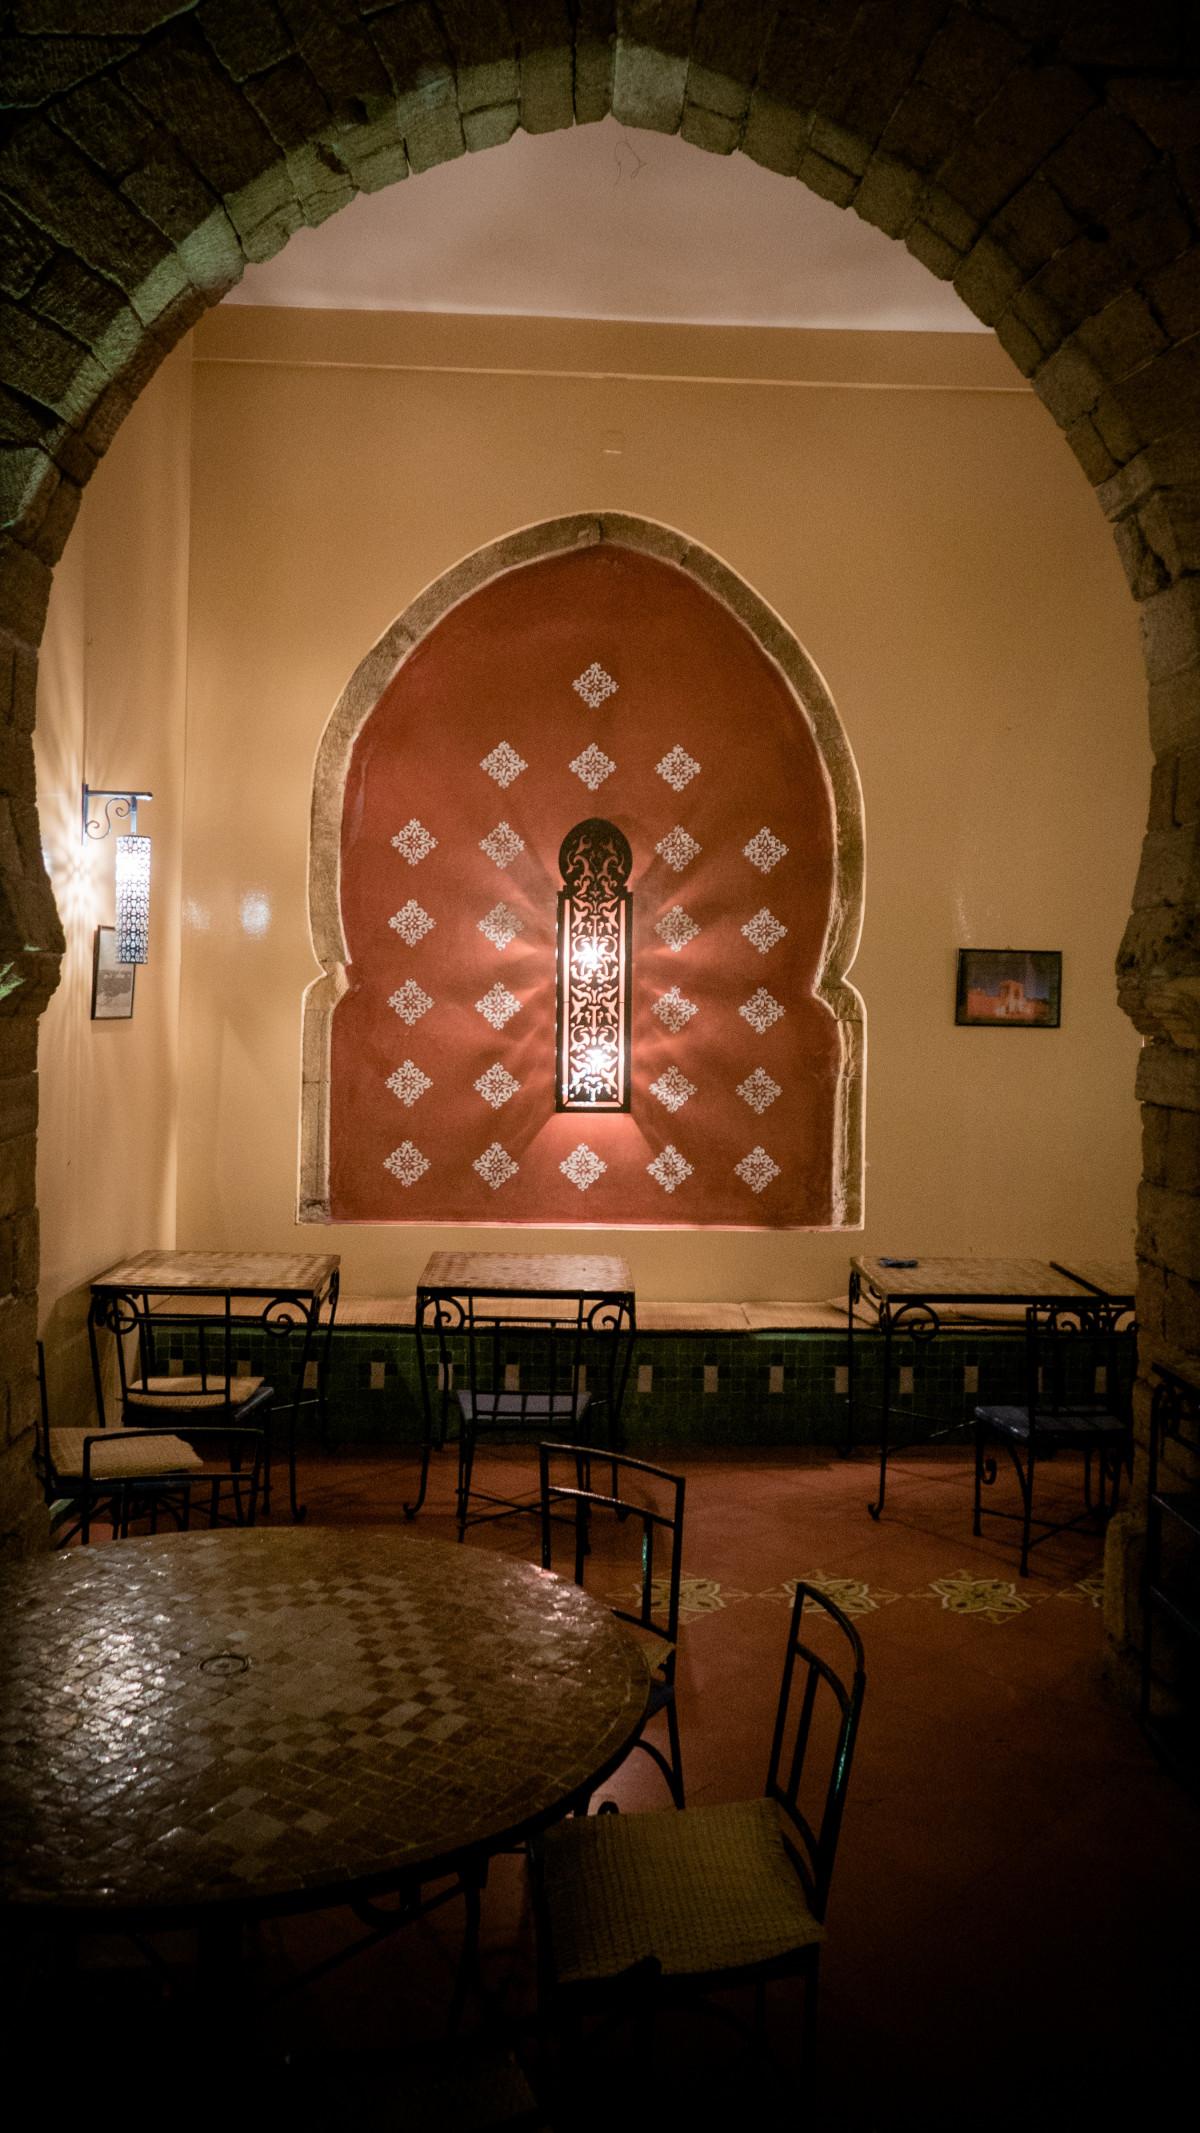 Décoration D Intérieur Peinture Murale images gratuites : bâtiment, restaurant, vieux, espace